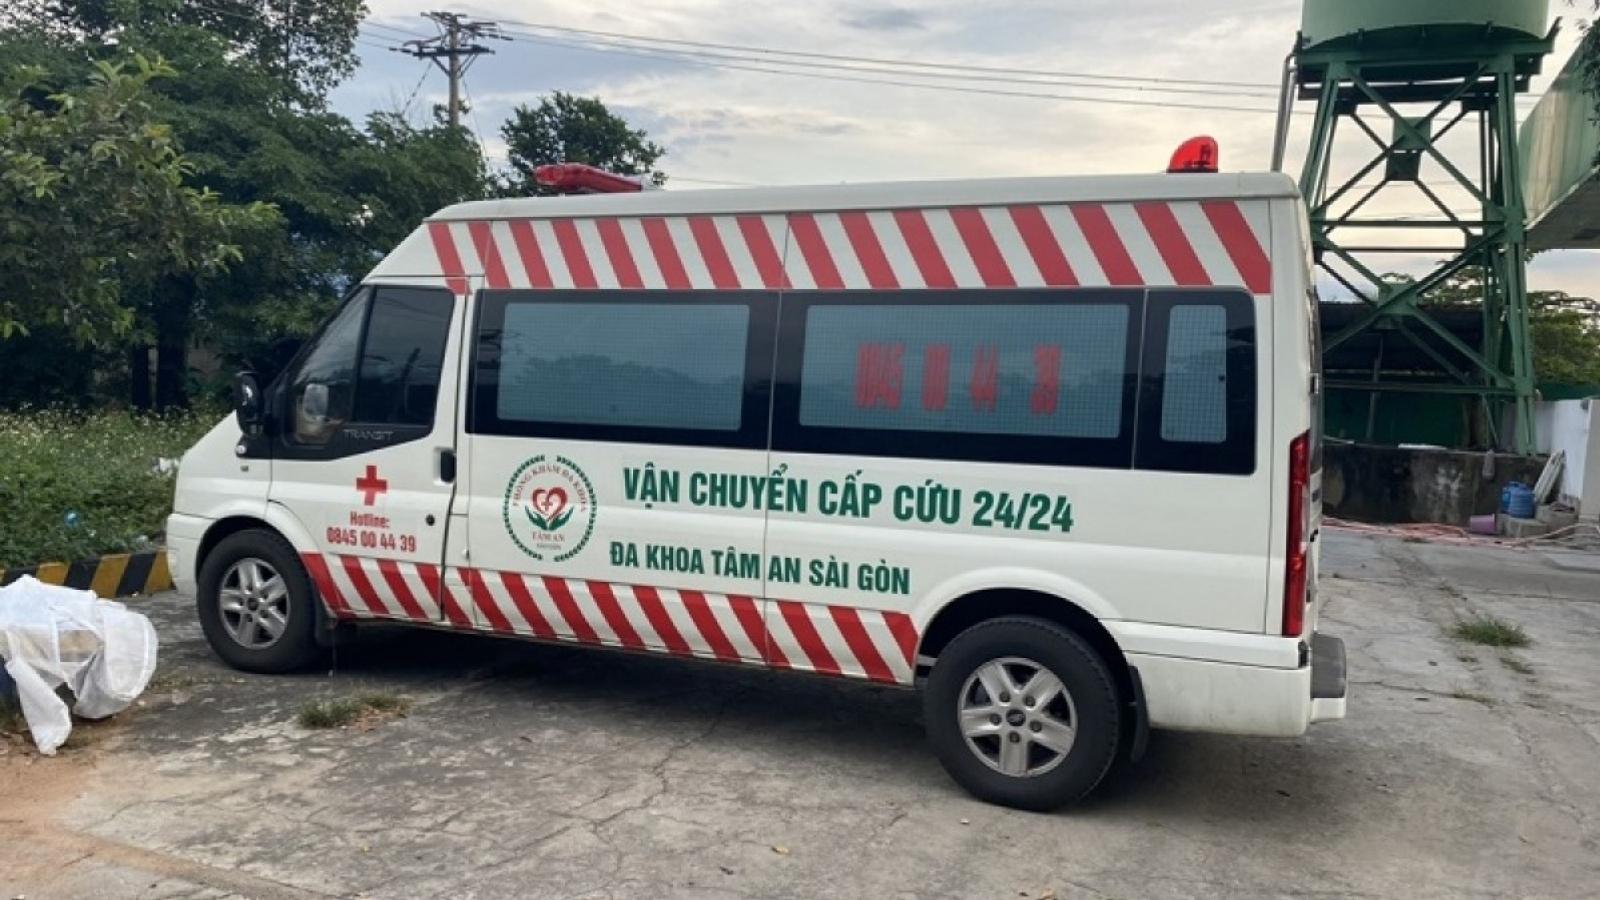 Hà Nội tăng cường kiểm tra xe cứu thương, xe công vụ trong thời gian giãn cách